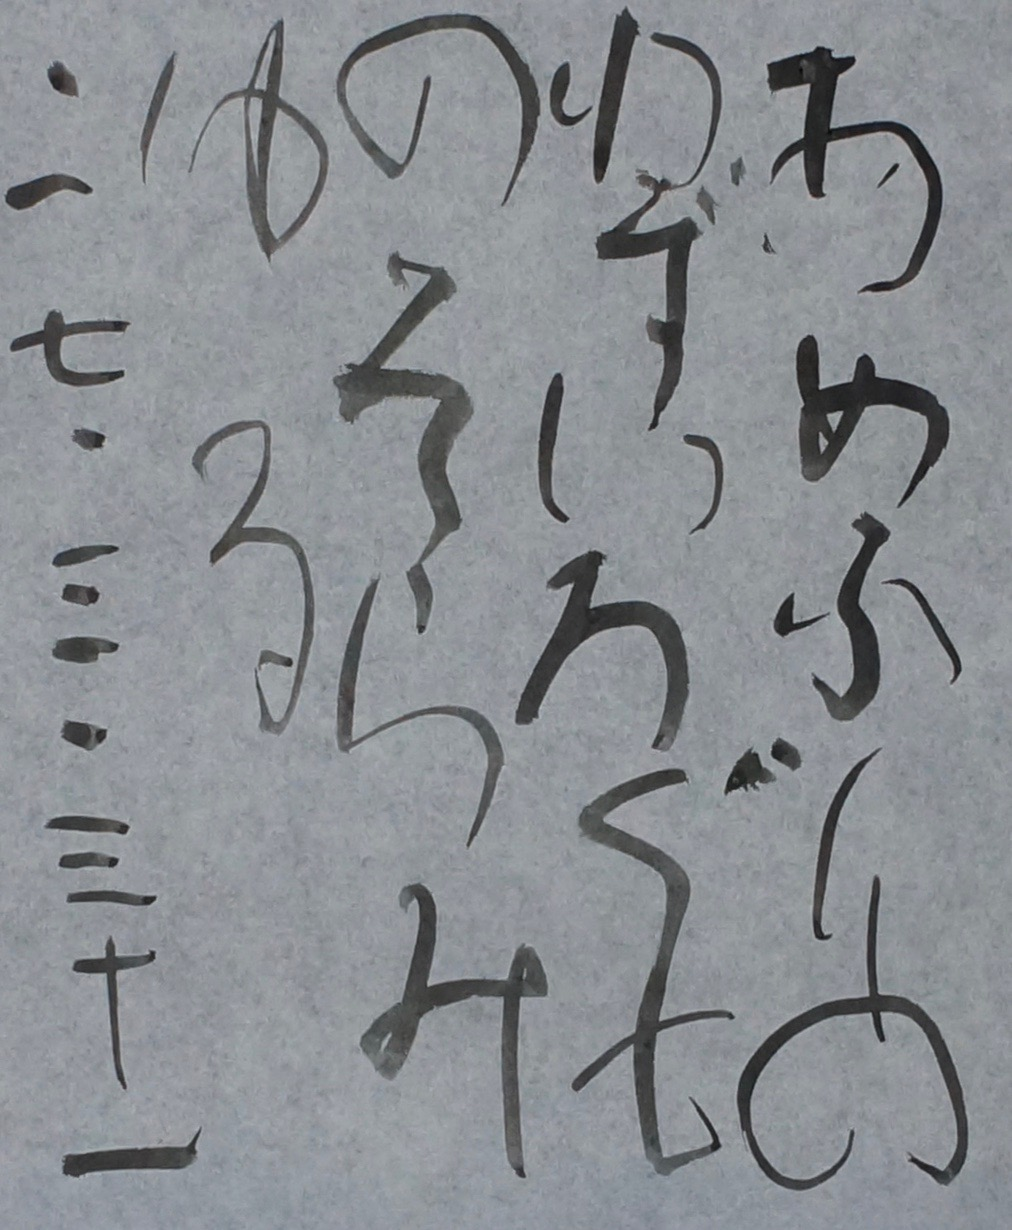 朝歌3月31日_c0169176_757585.jpg